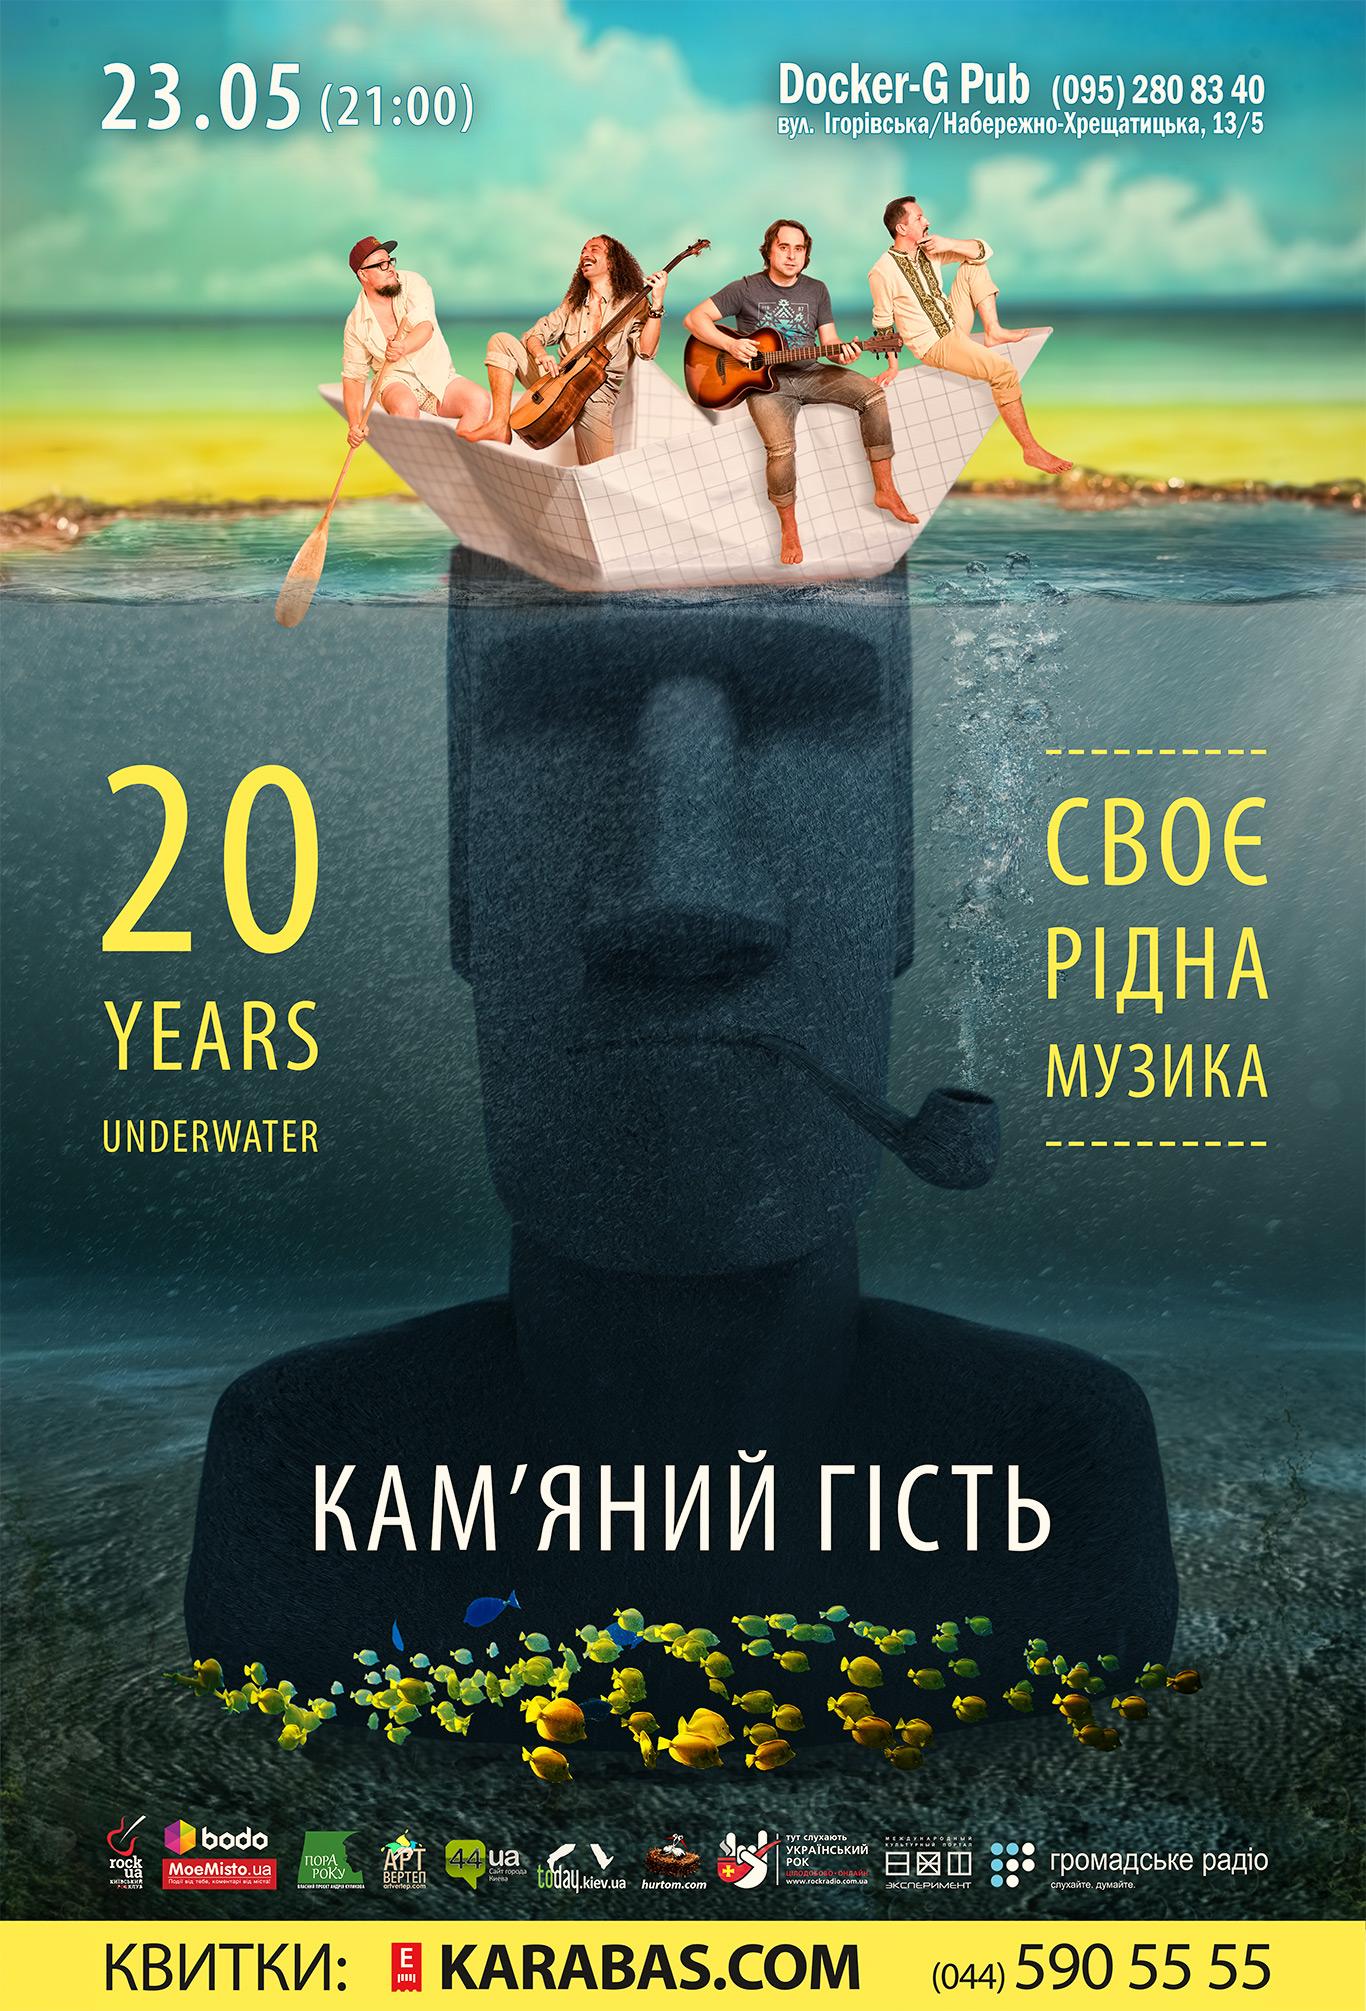 15 років гурту Кам'яний Гість. Афіша концерту у Бочці на Подолі